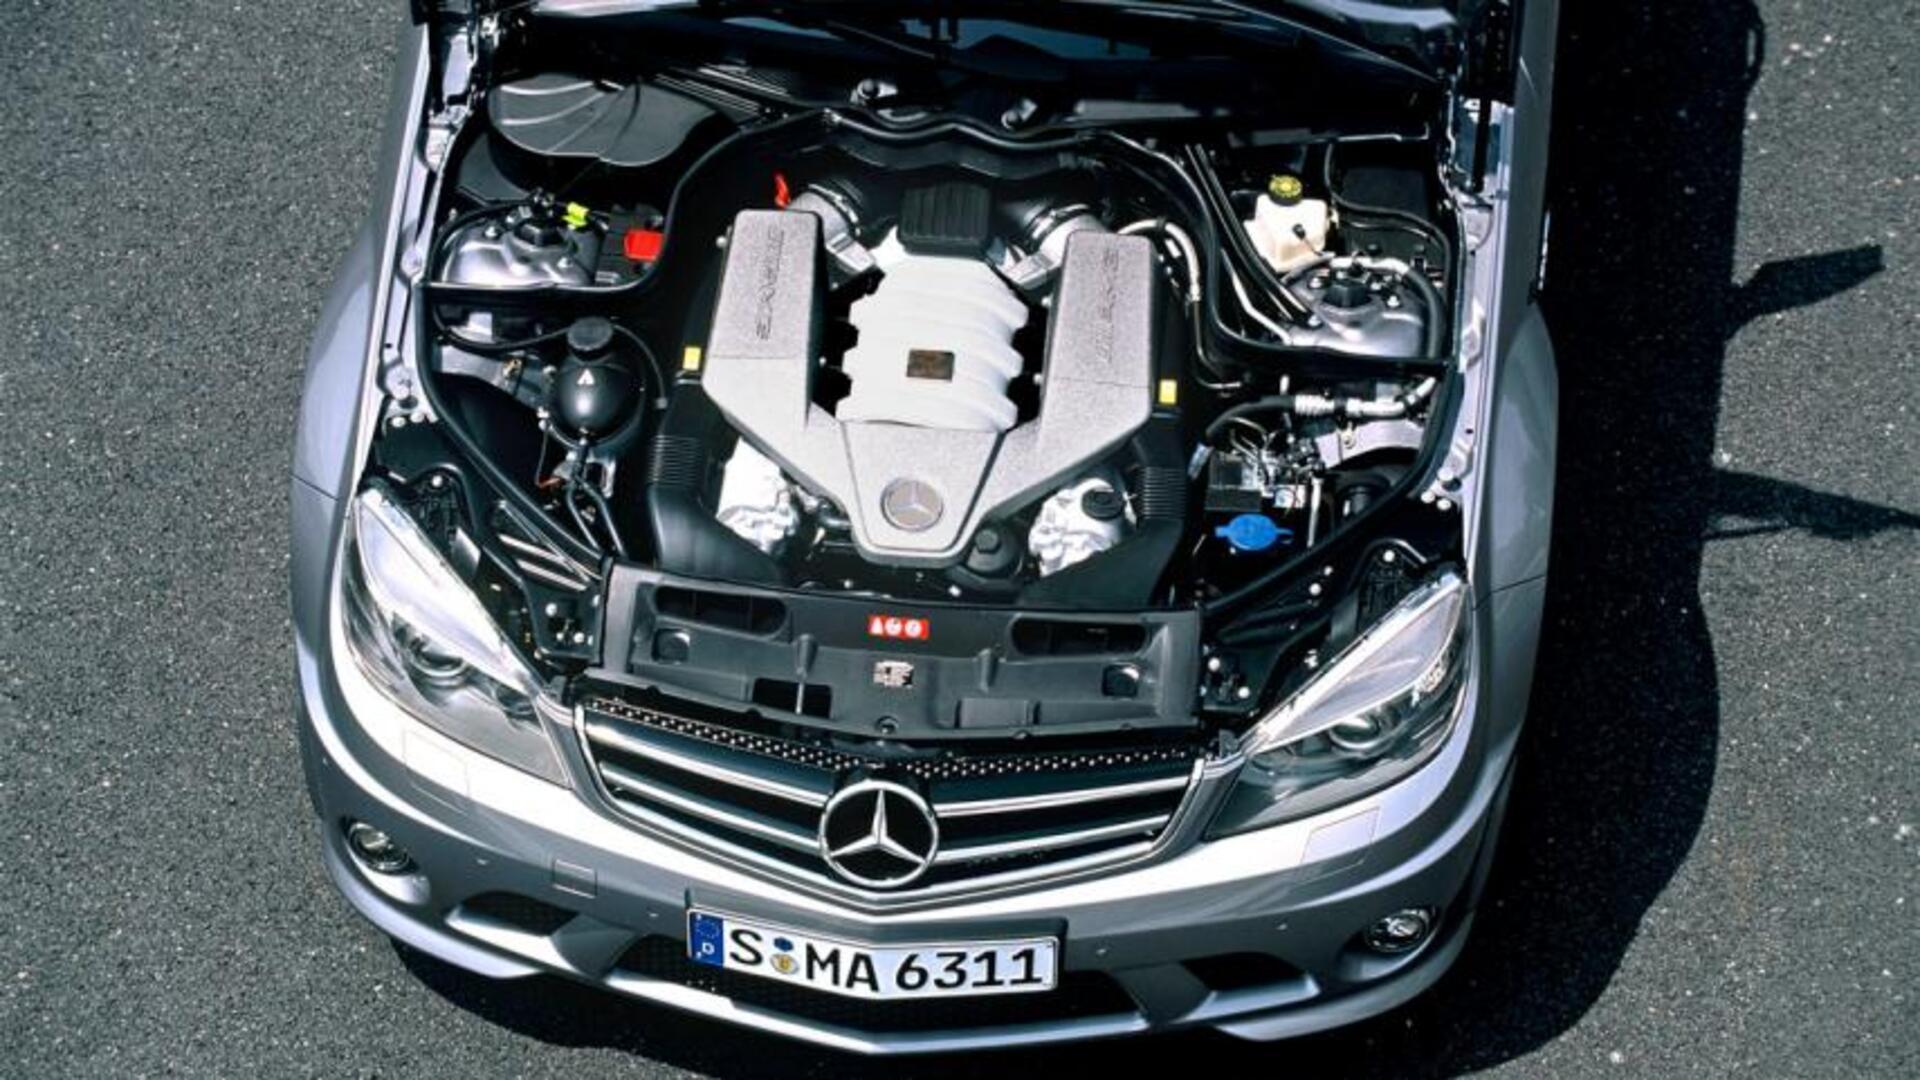 Mercedes C63 Amg 2007 W204 1846643